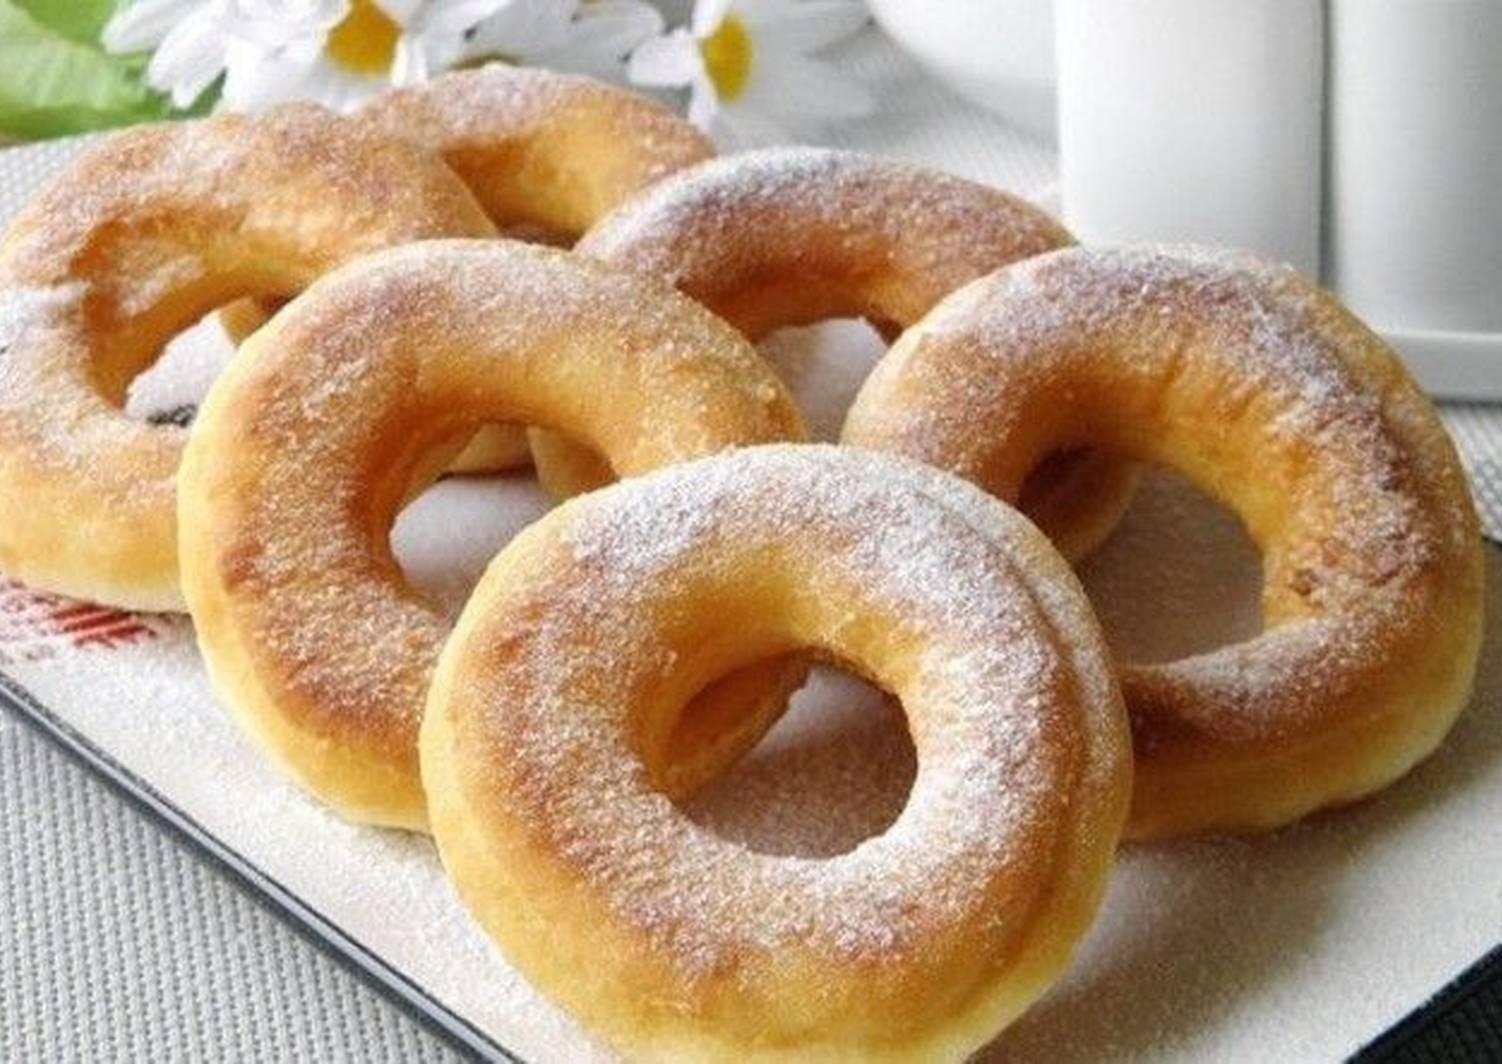 пончики на кефире рецепт с фото пышные описаниям